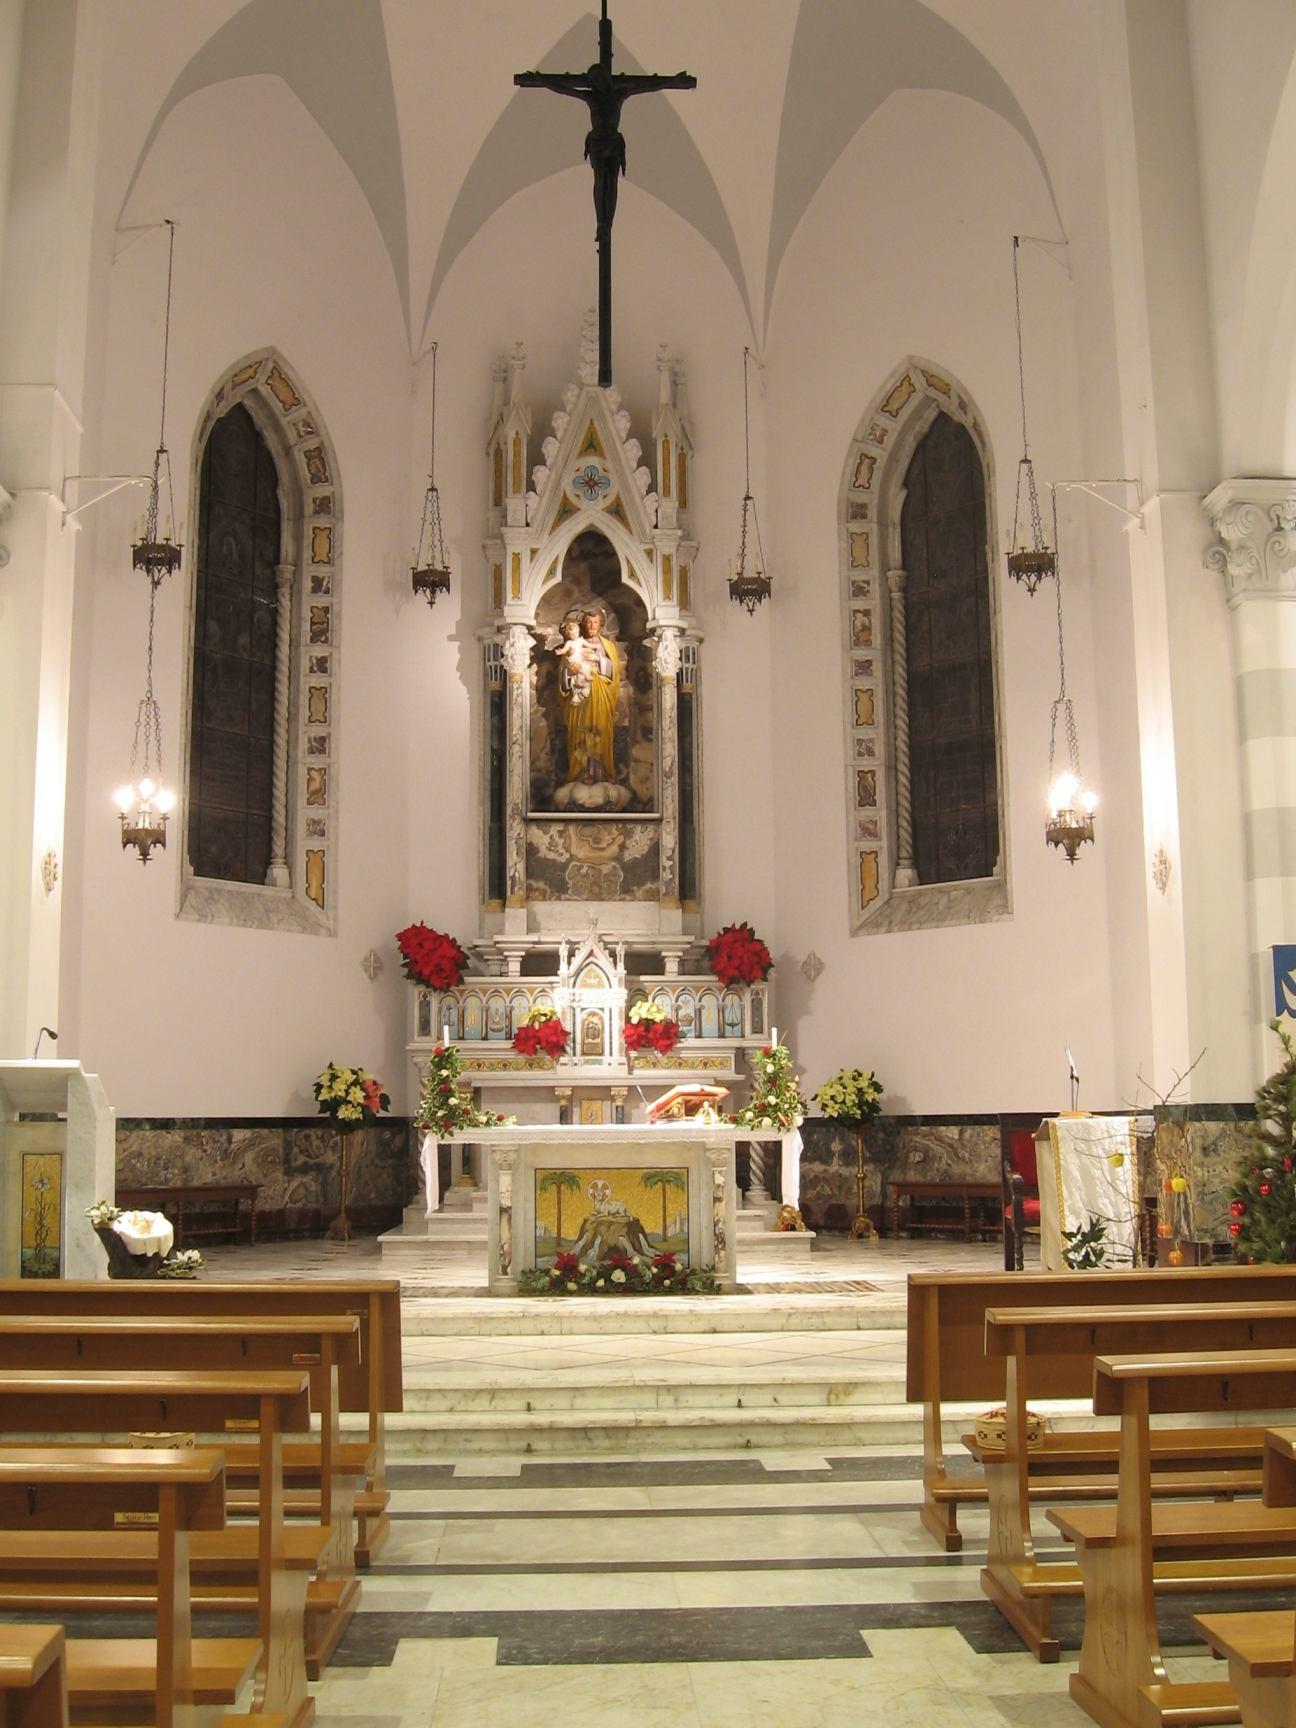 Chiesa_Natale-2008-12-24-22.42.51.jpg